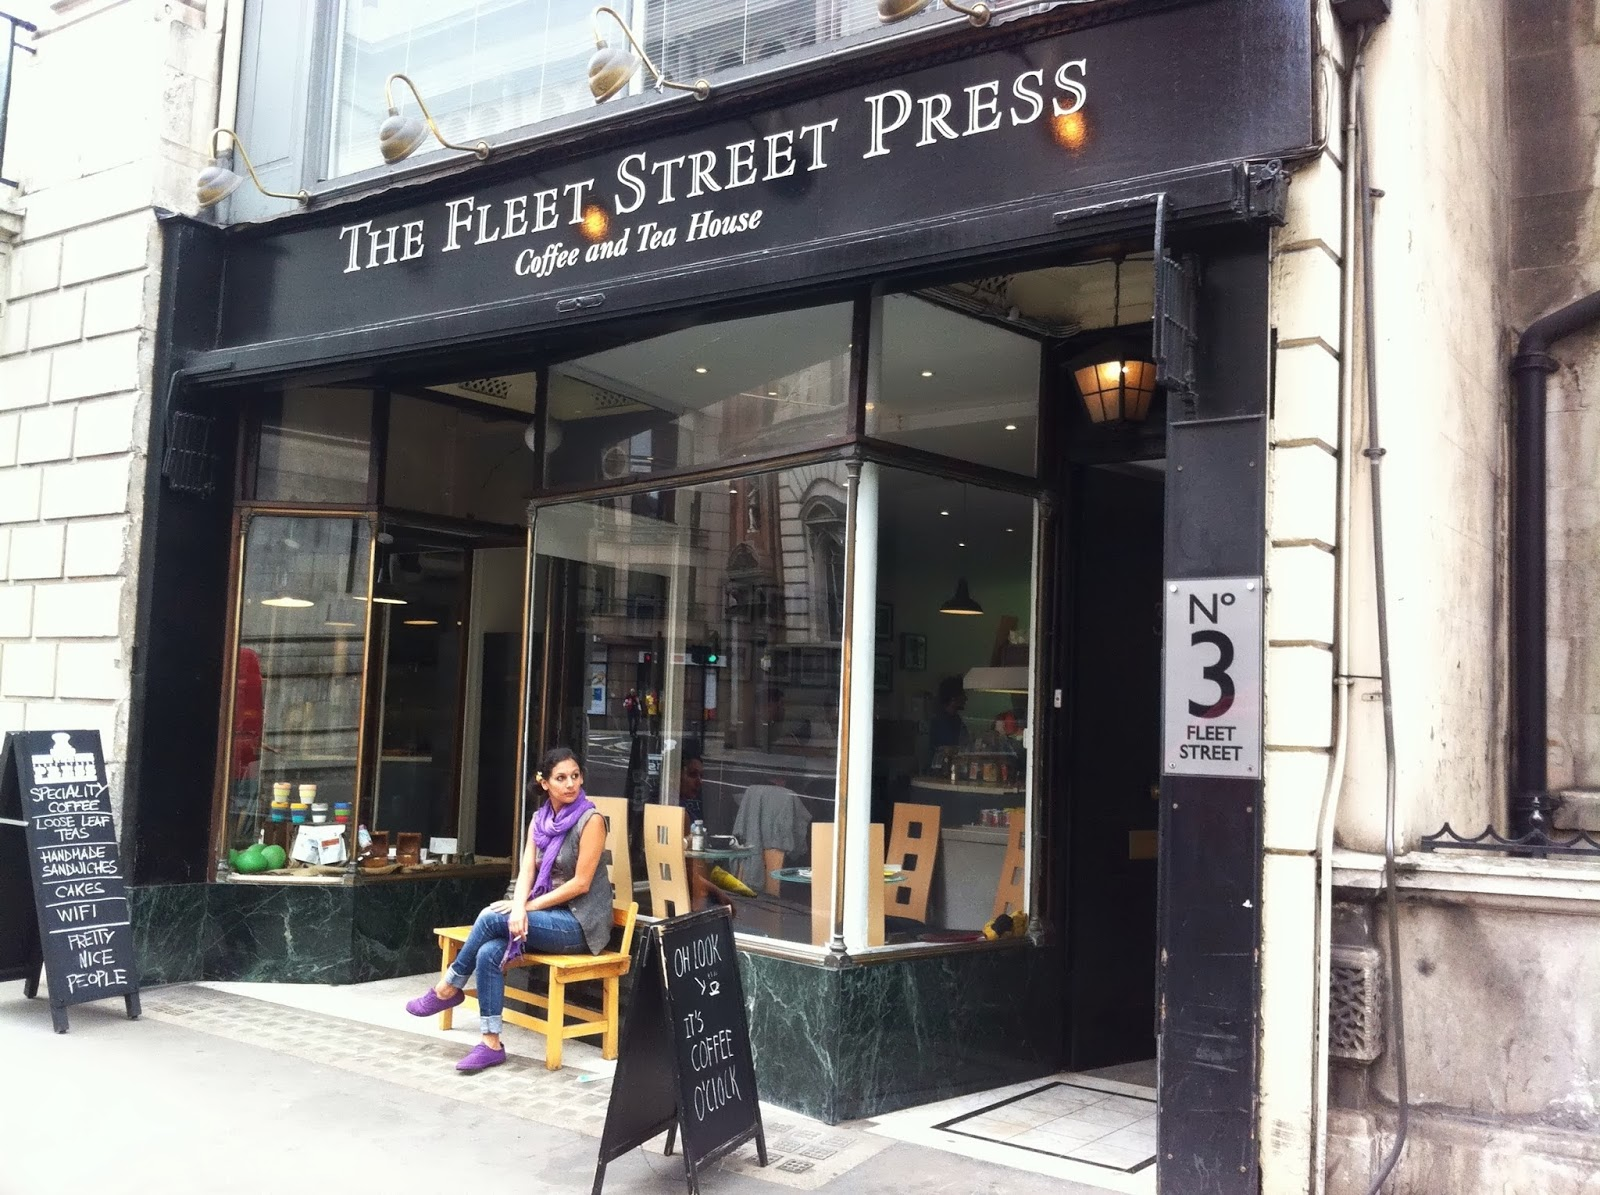 The Fleet Street Press: A Work-Friendly Place in London